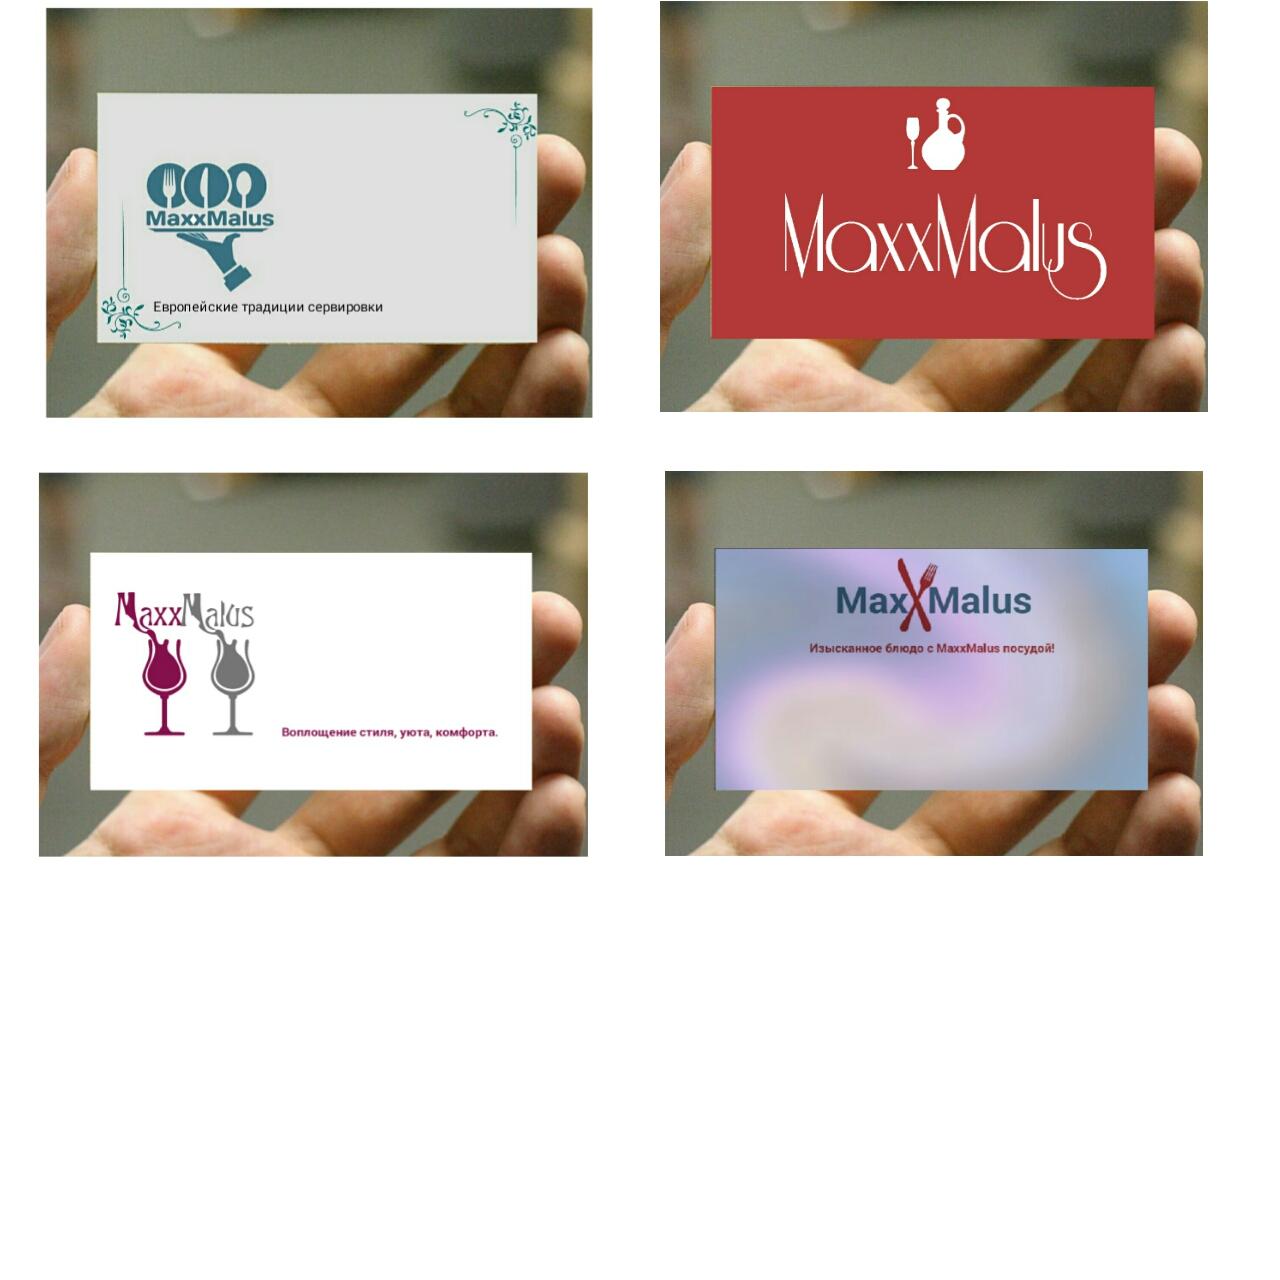 Логотип для нового бренда повседневной посуды фото f_7755ba35a26d3e68.jpg